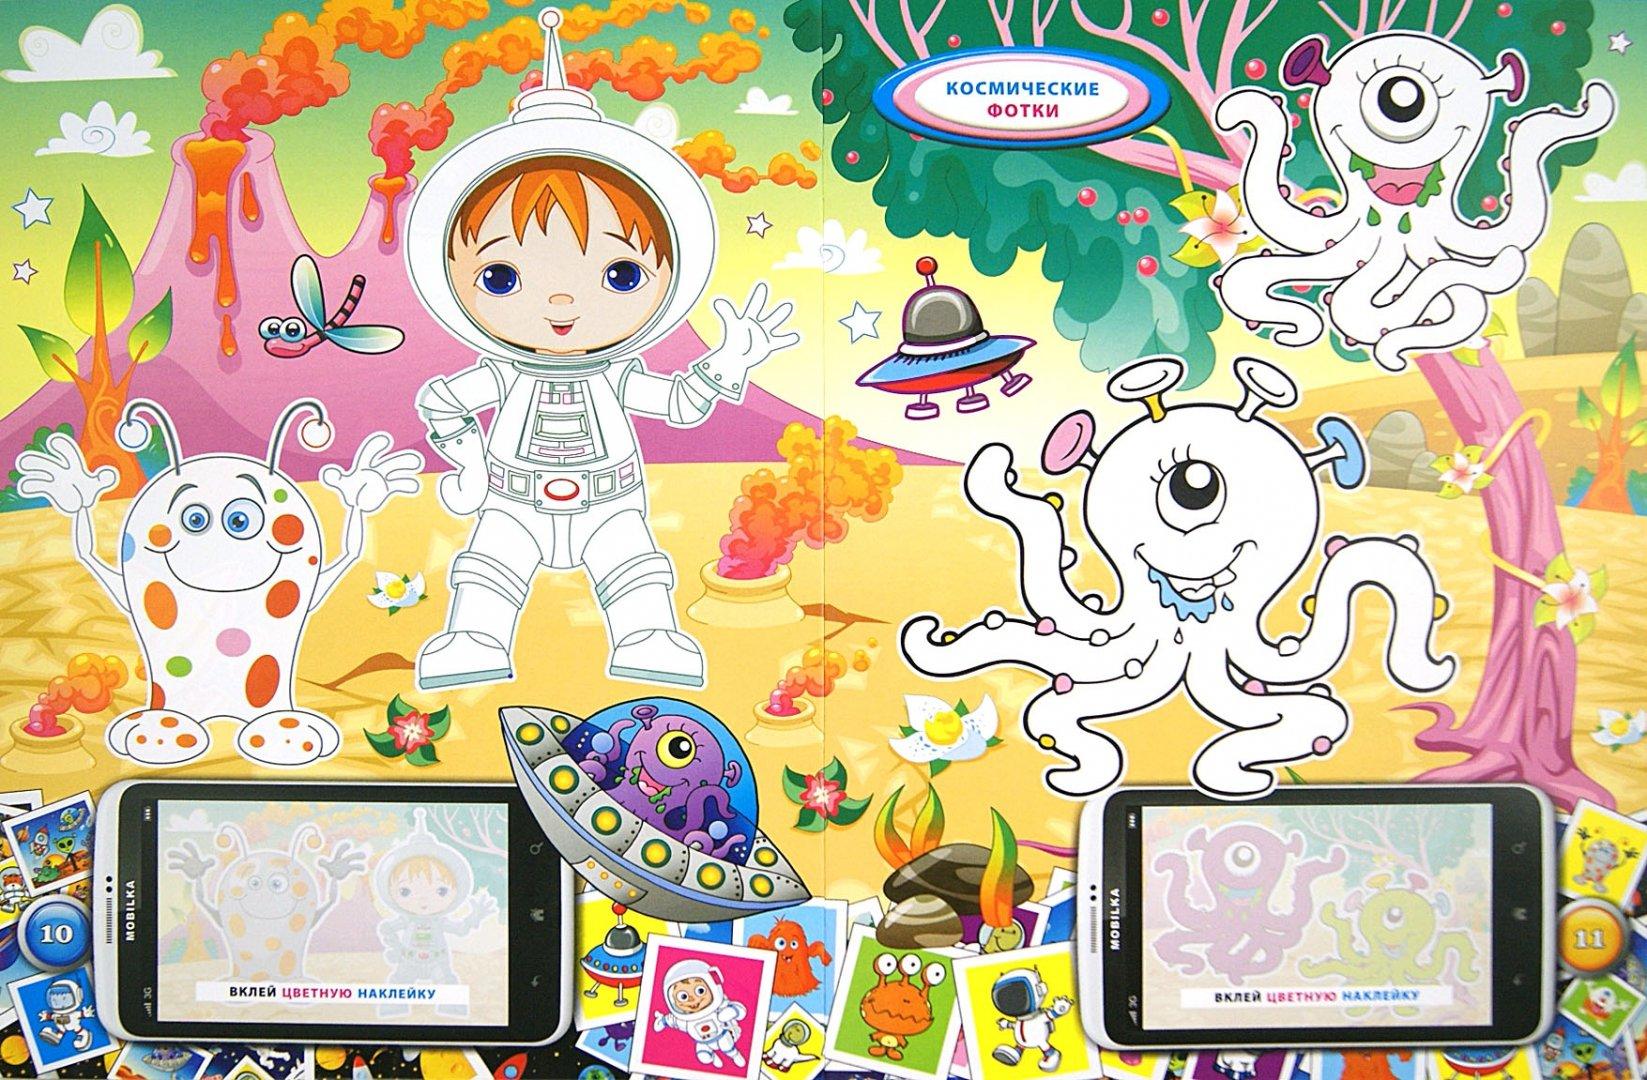 Иллюстрация 1 из 14 для Мобилка. Космические фотки: книжка-раскраска с наклейками | Лабиринт - книги. Источник: Лабиринт